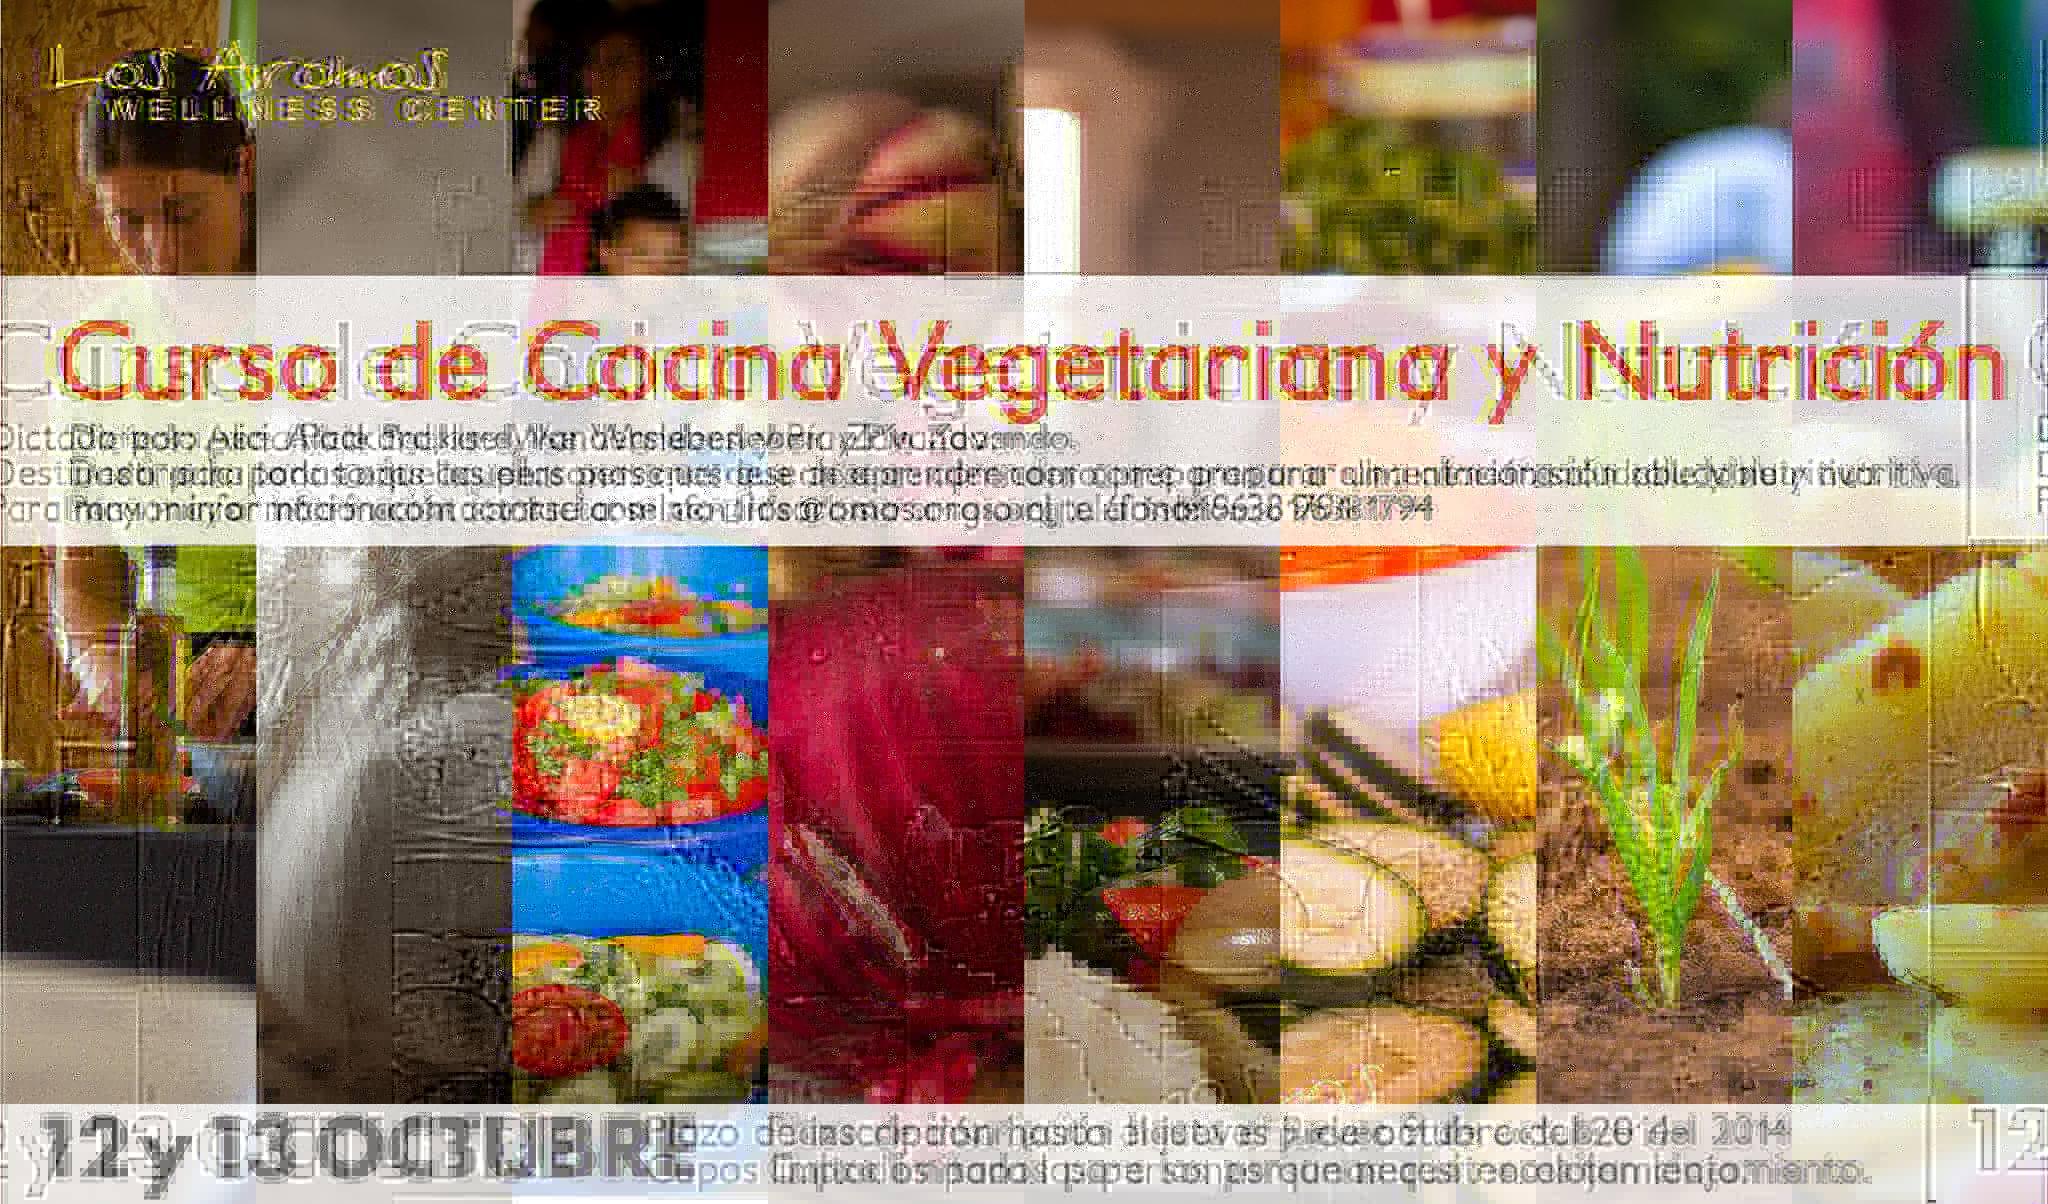 Curso de cocina vegetariana octubre 2014 los aromos - Escuela de cocina vegetariana ...